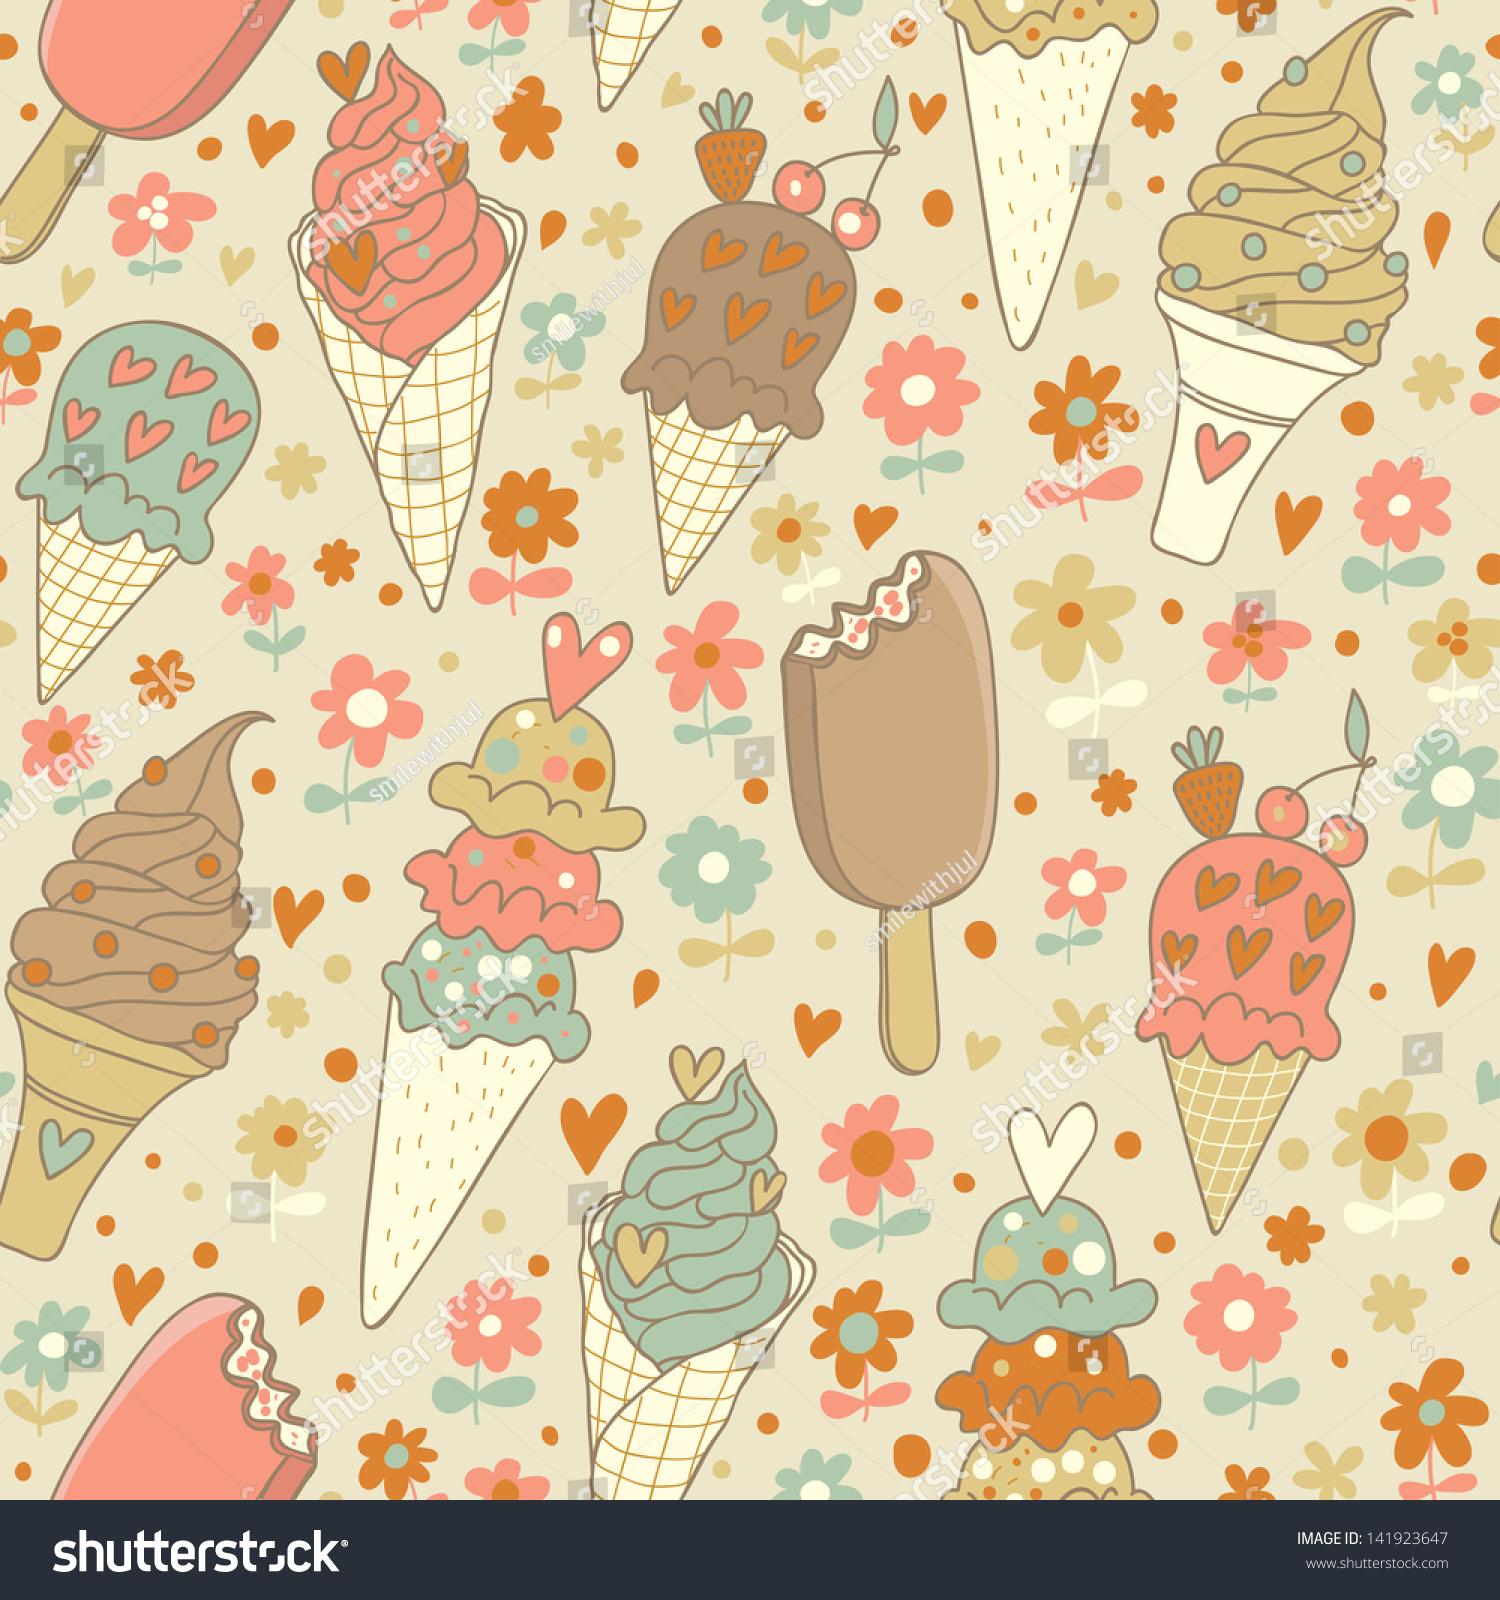 vintage ice cream wallpaper - photo #36